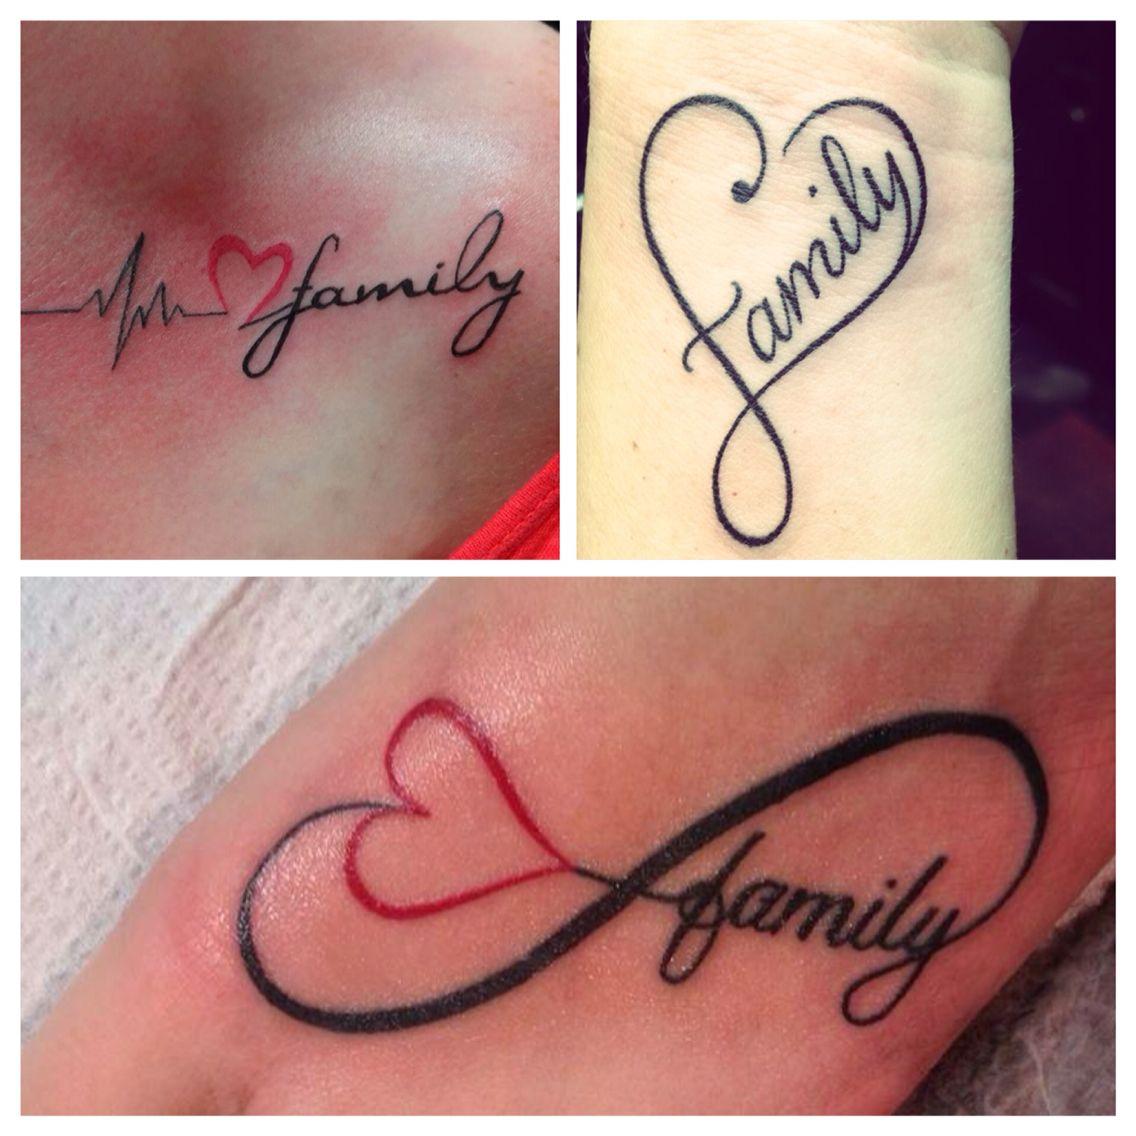 Family family tattoos small tattoos tattoos